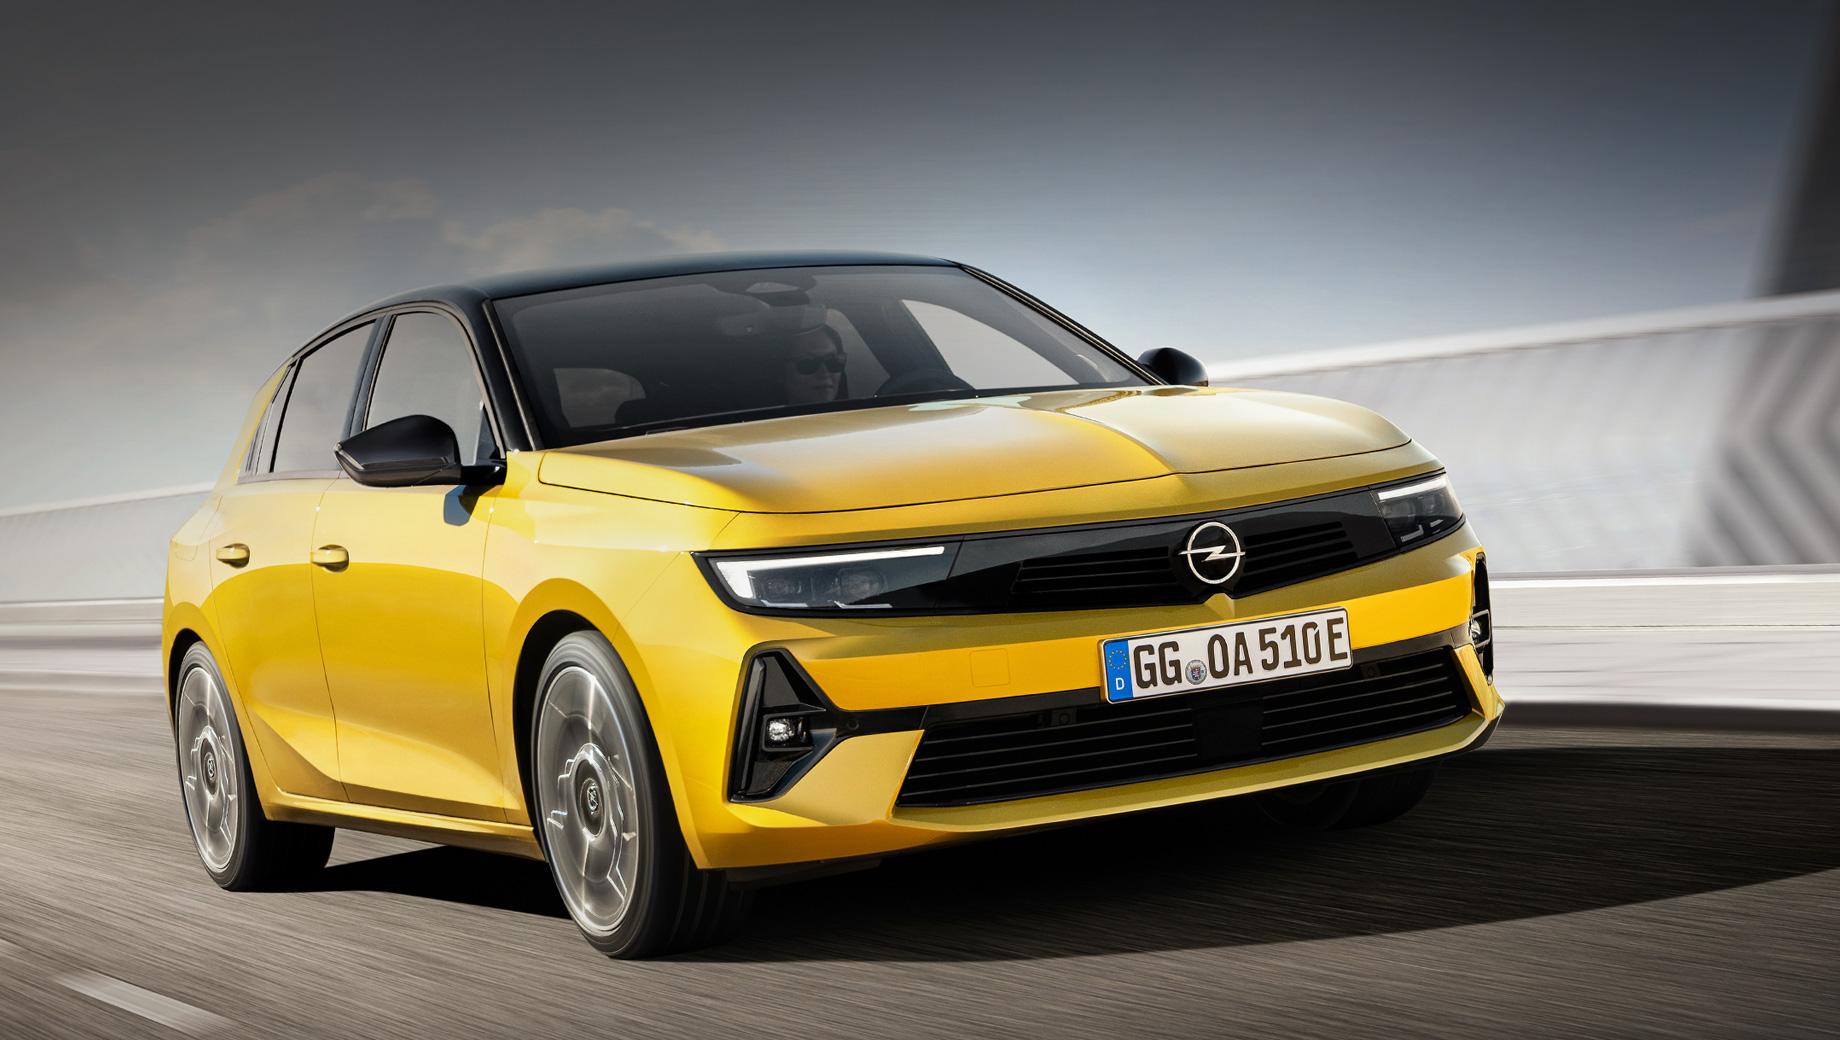 Opel astra. Лицом Астры ожидаемо стал Opel Vizor, ранее замеченный у паркетников Mokka, Crossland и Grandland. «Премиальные» фары Intelli-Lux LED Pixel Light со 168 светодиодами имеются у Грандленда и Инсигнии. Длина — 4374 мм (+4), ширина — 1860 (-11), высота — не названа, колёсная база — 2675 (+13).